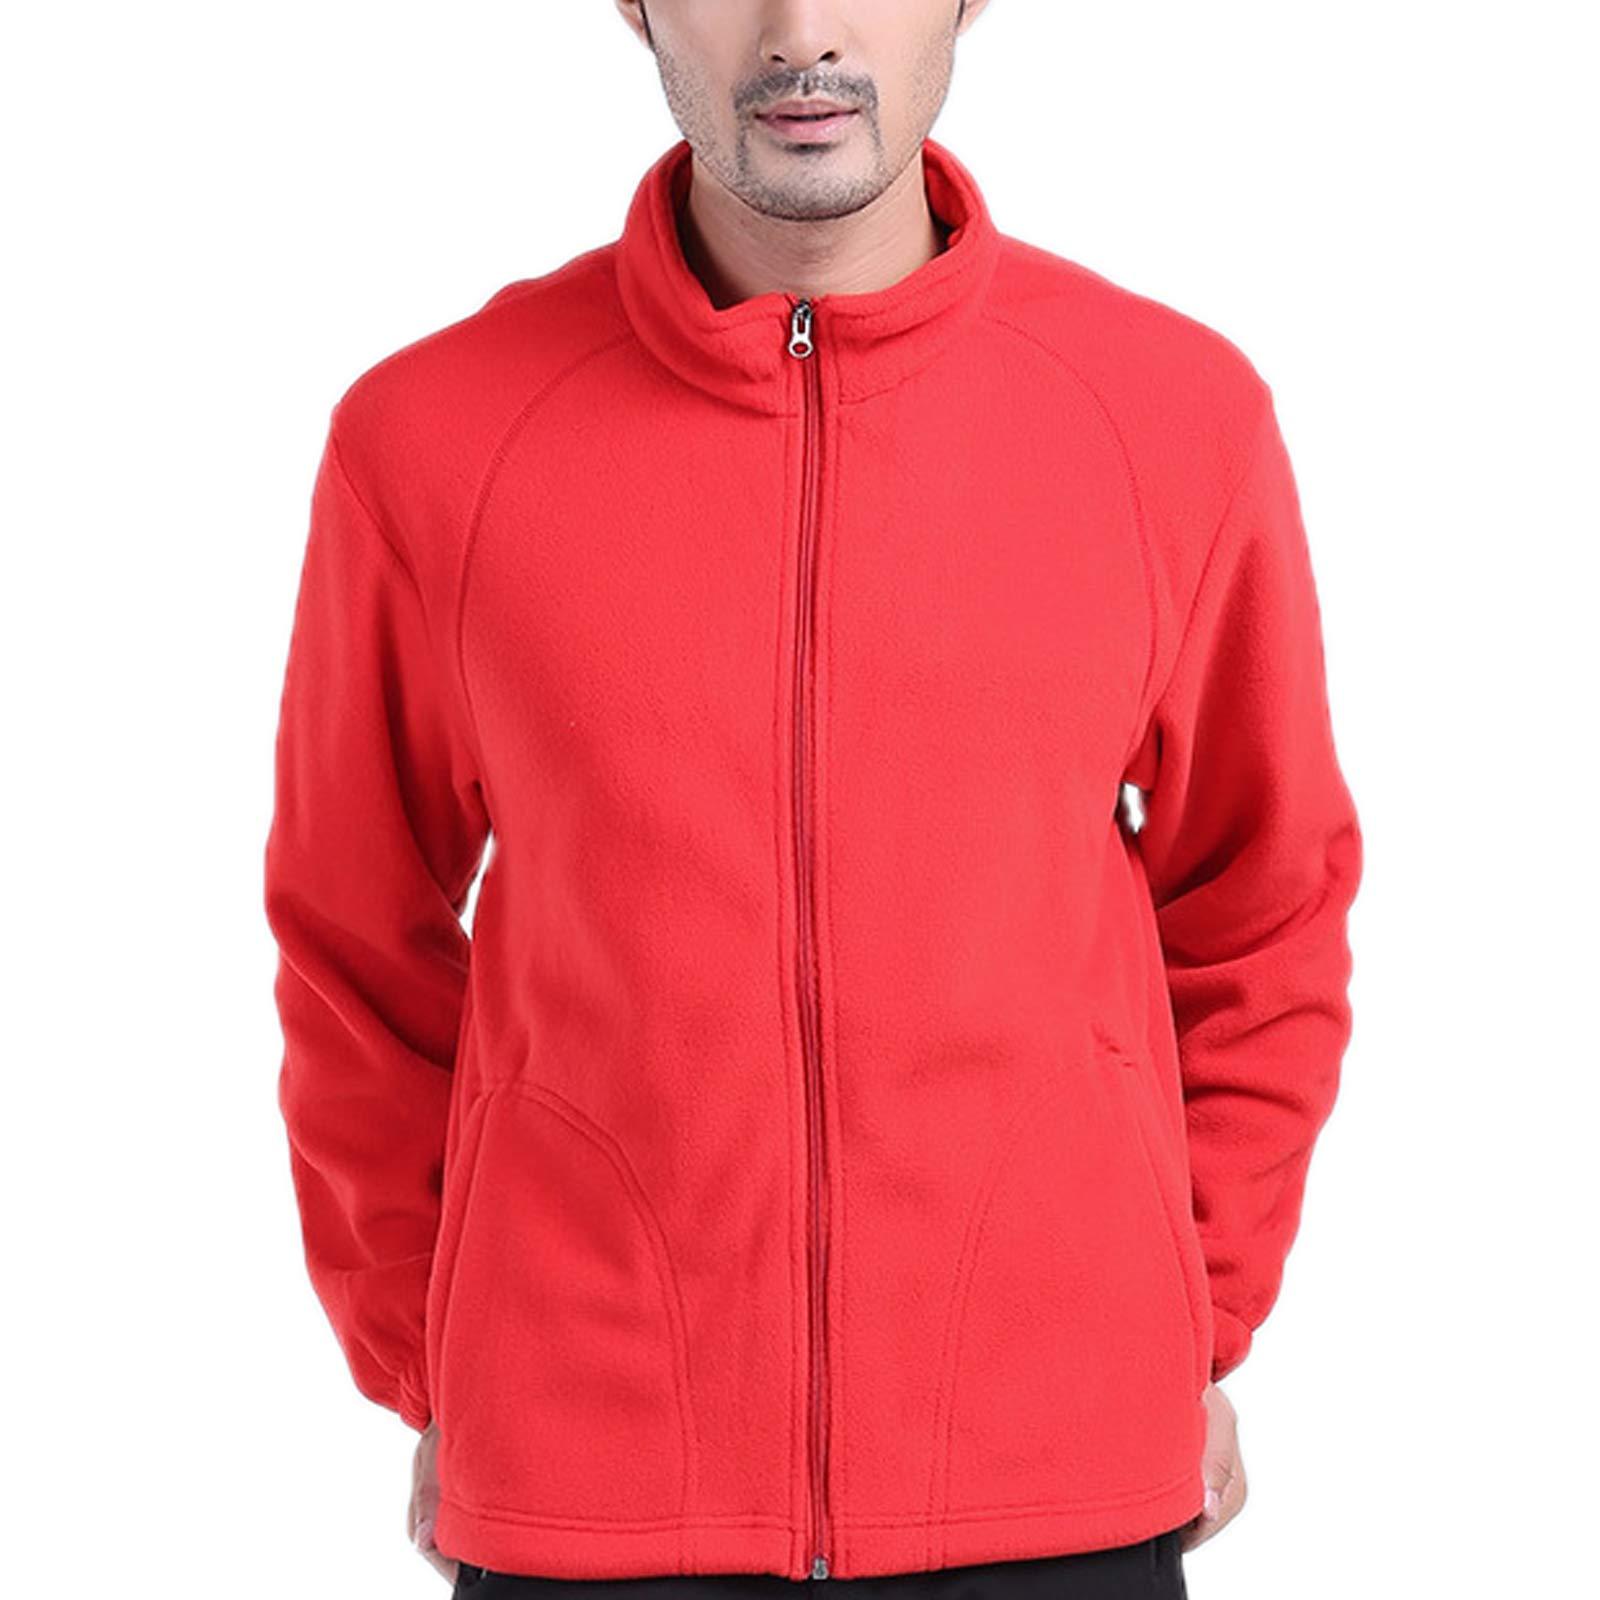 ZumZup Mens Fleece Jacket Full Zip Stand Collar Sportwear Top Outwear Red1 Bust 48.8''(Asie 2XL) by ZumZup